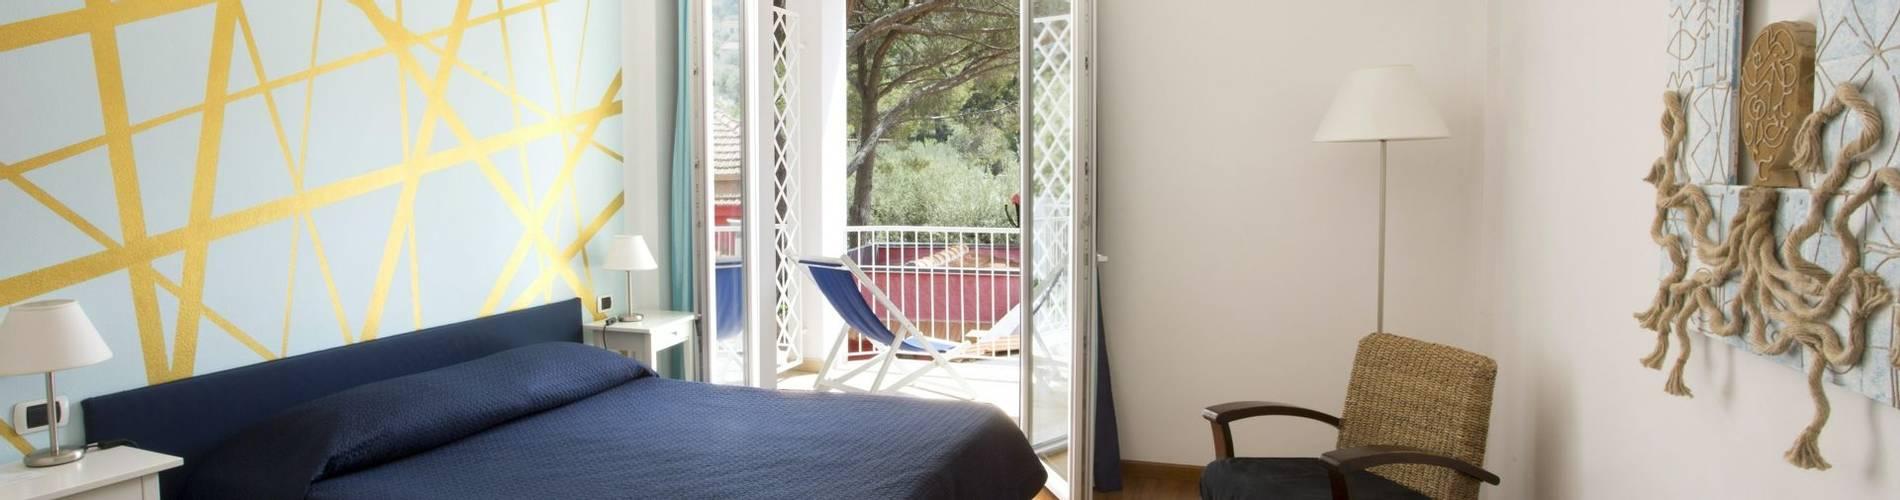 Kalura, Sicily, Italy, Double Room (8).jpg